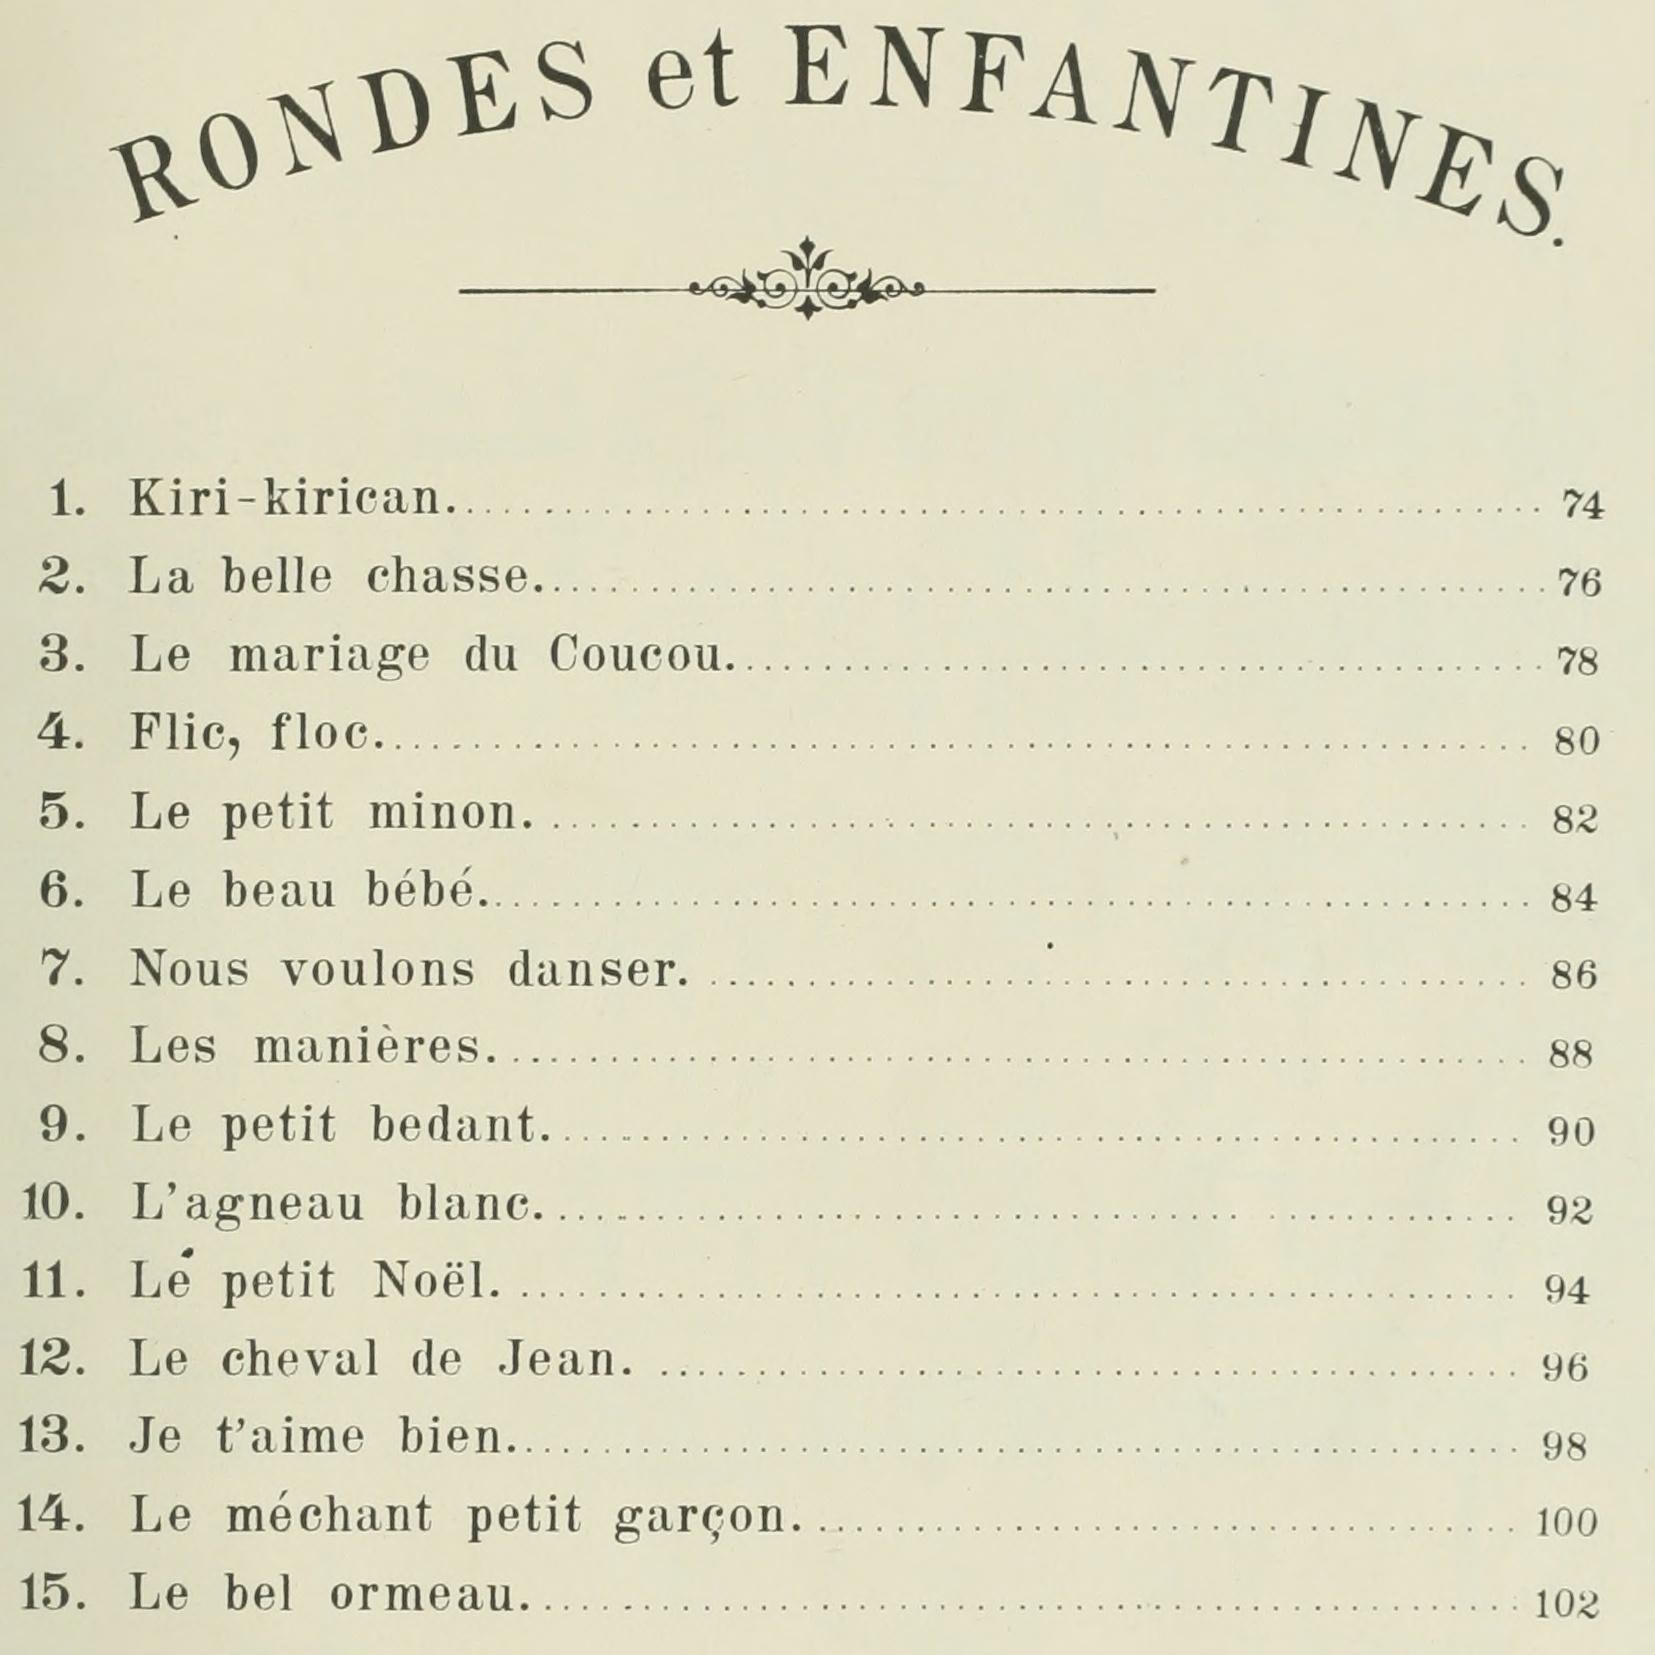 seconde partie du recueil «<i>Chansons populaires-romandes - Rondes et Enfantines</i>» publié par l'éditeur W.Sandoz à Neuchâtel